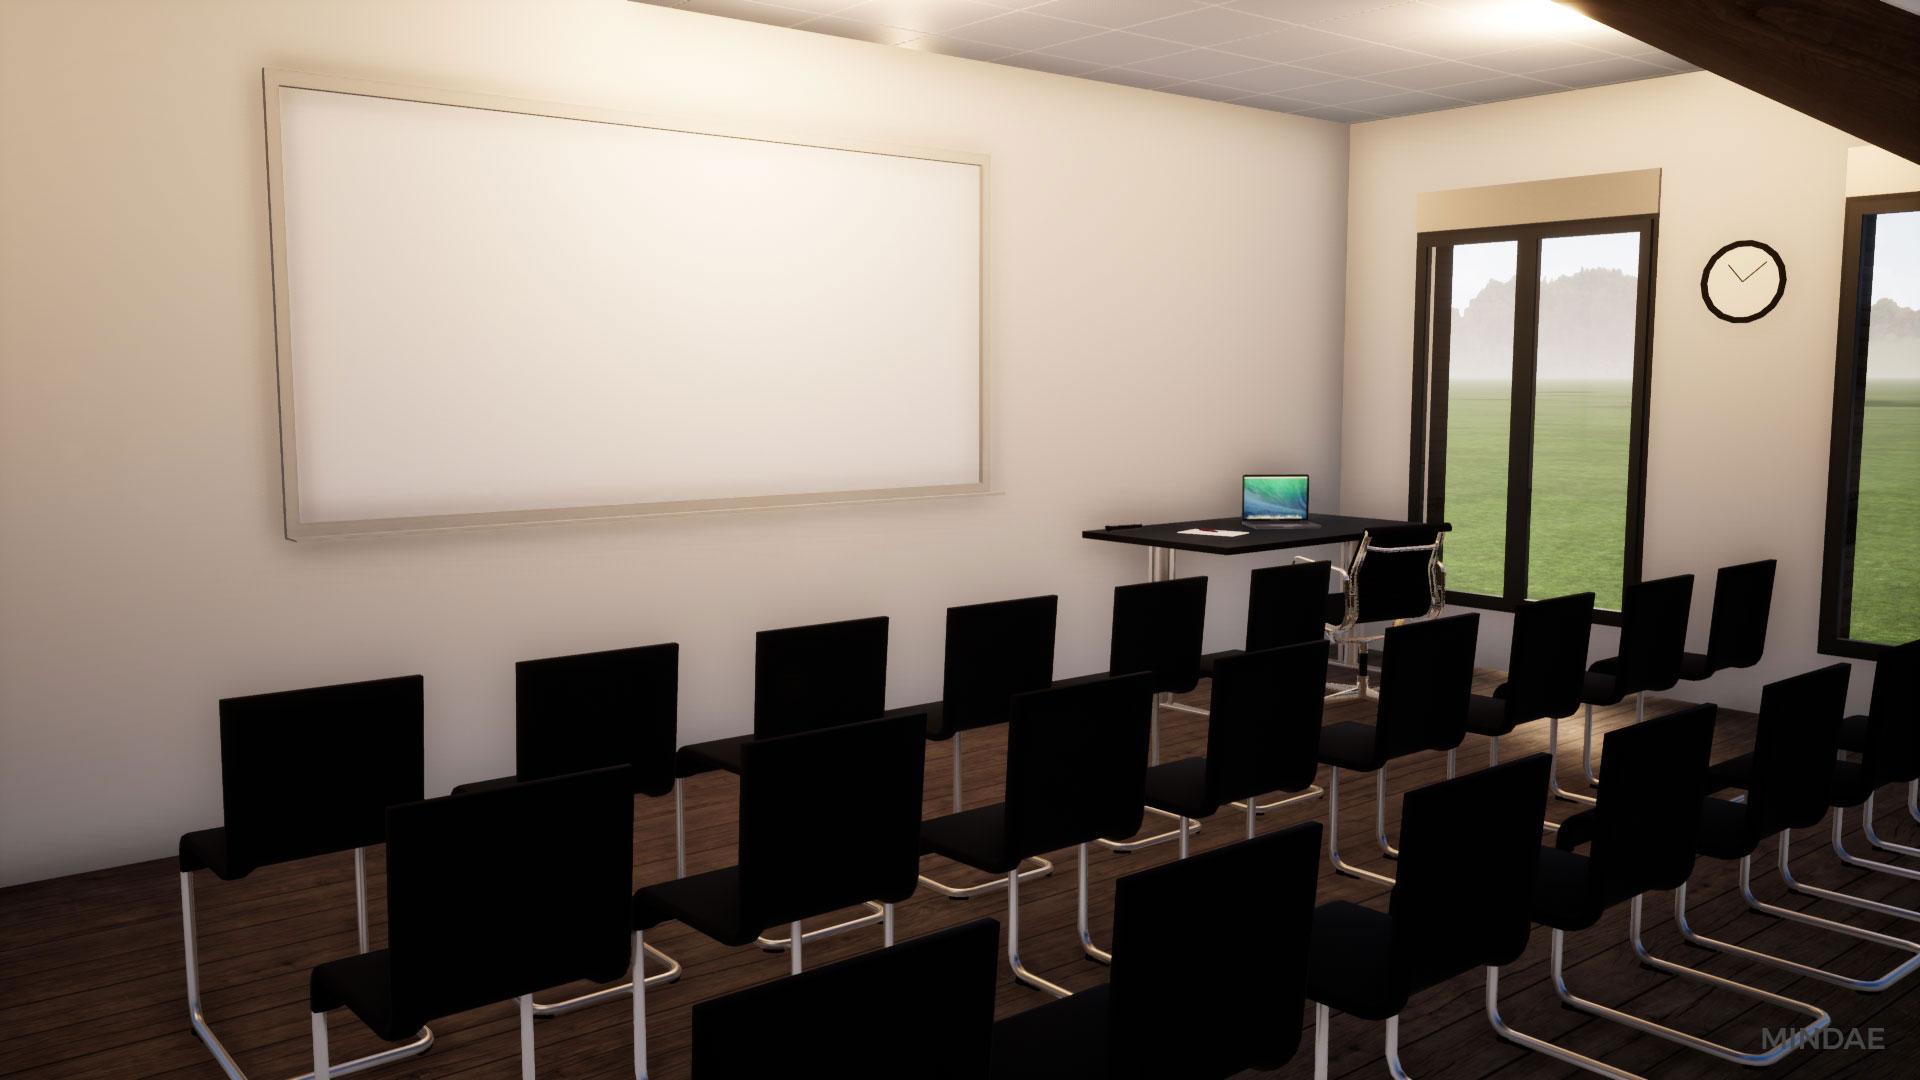 Mindae_golf_caen_3D_espace_bureaux_professionnel_conference-(4)